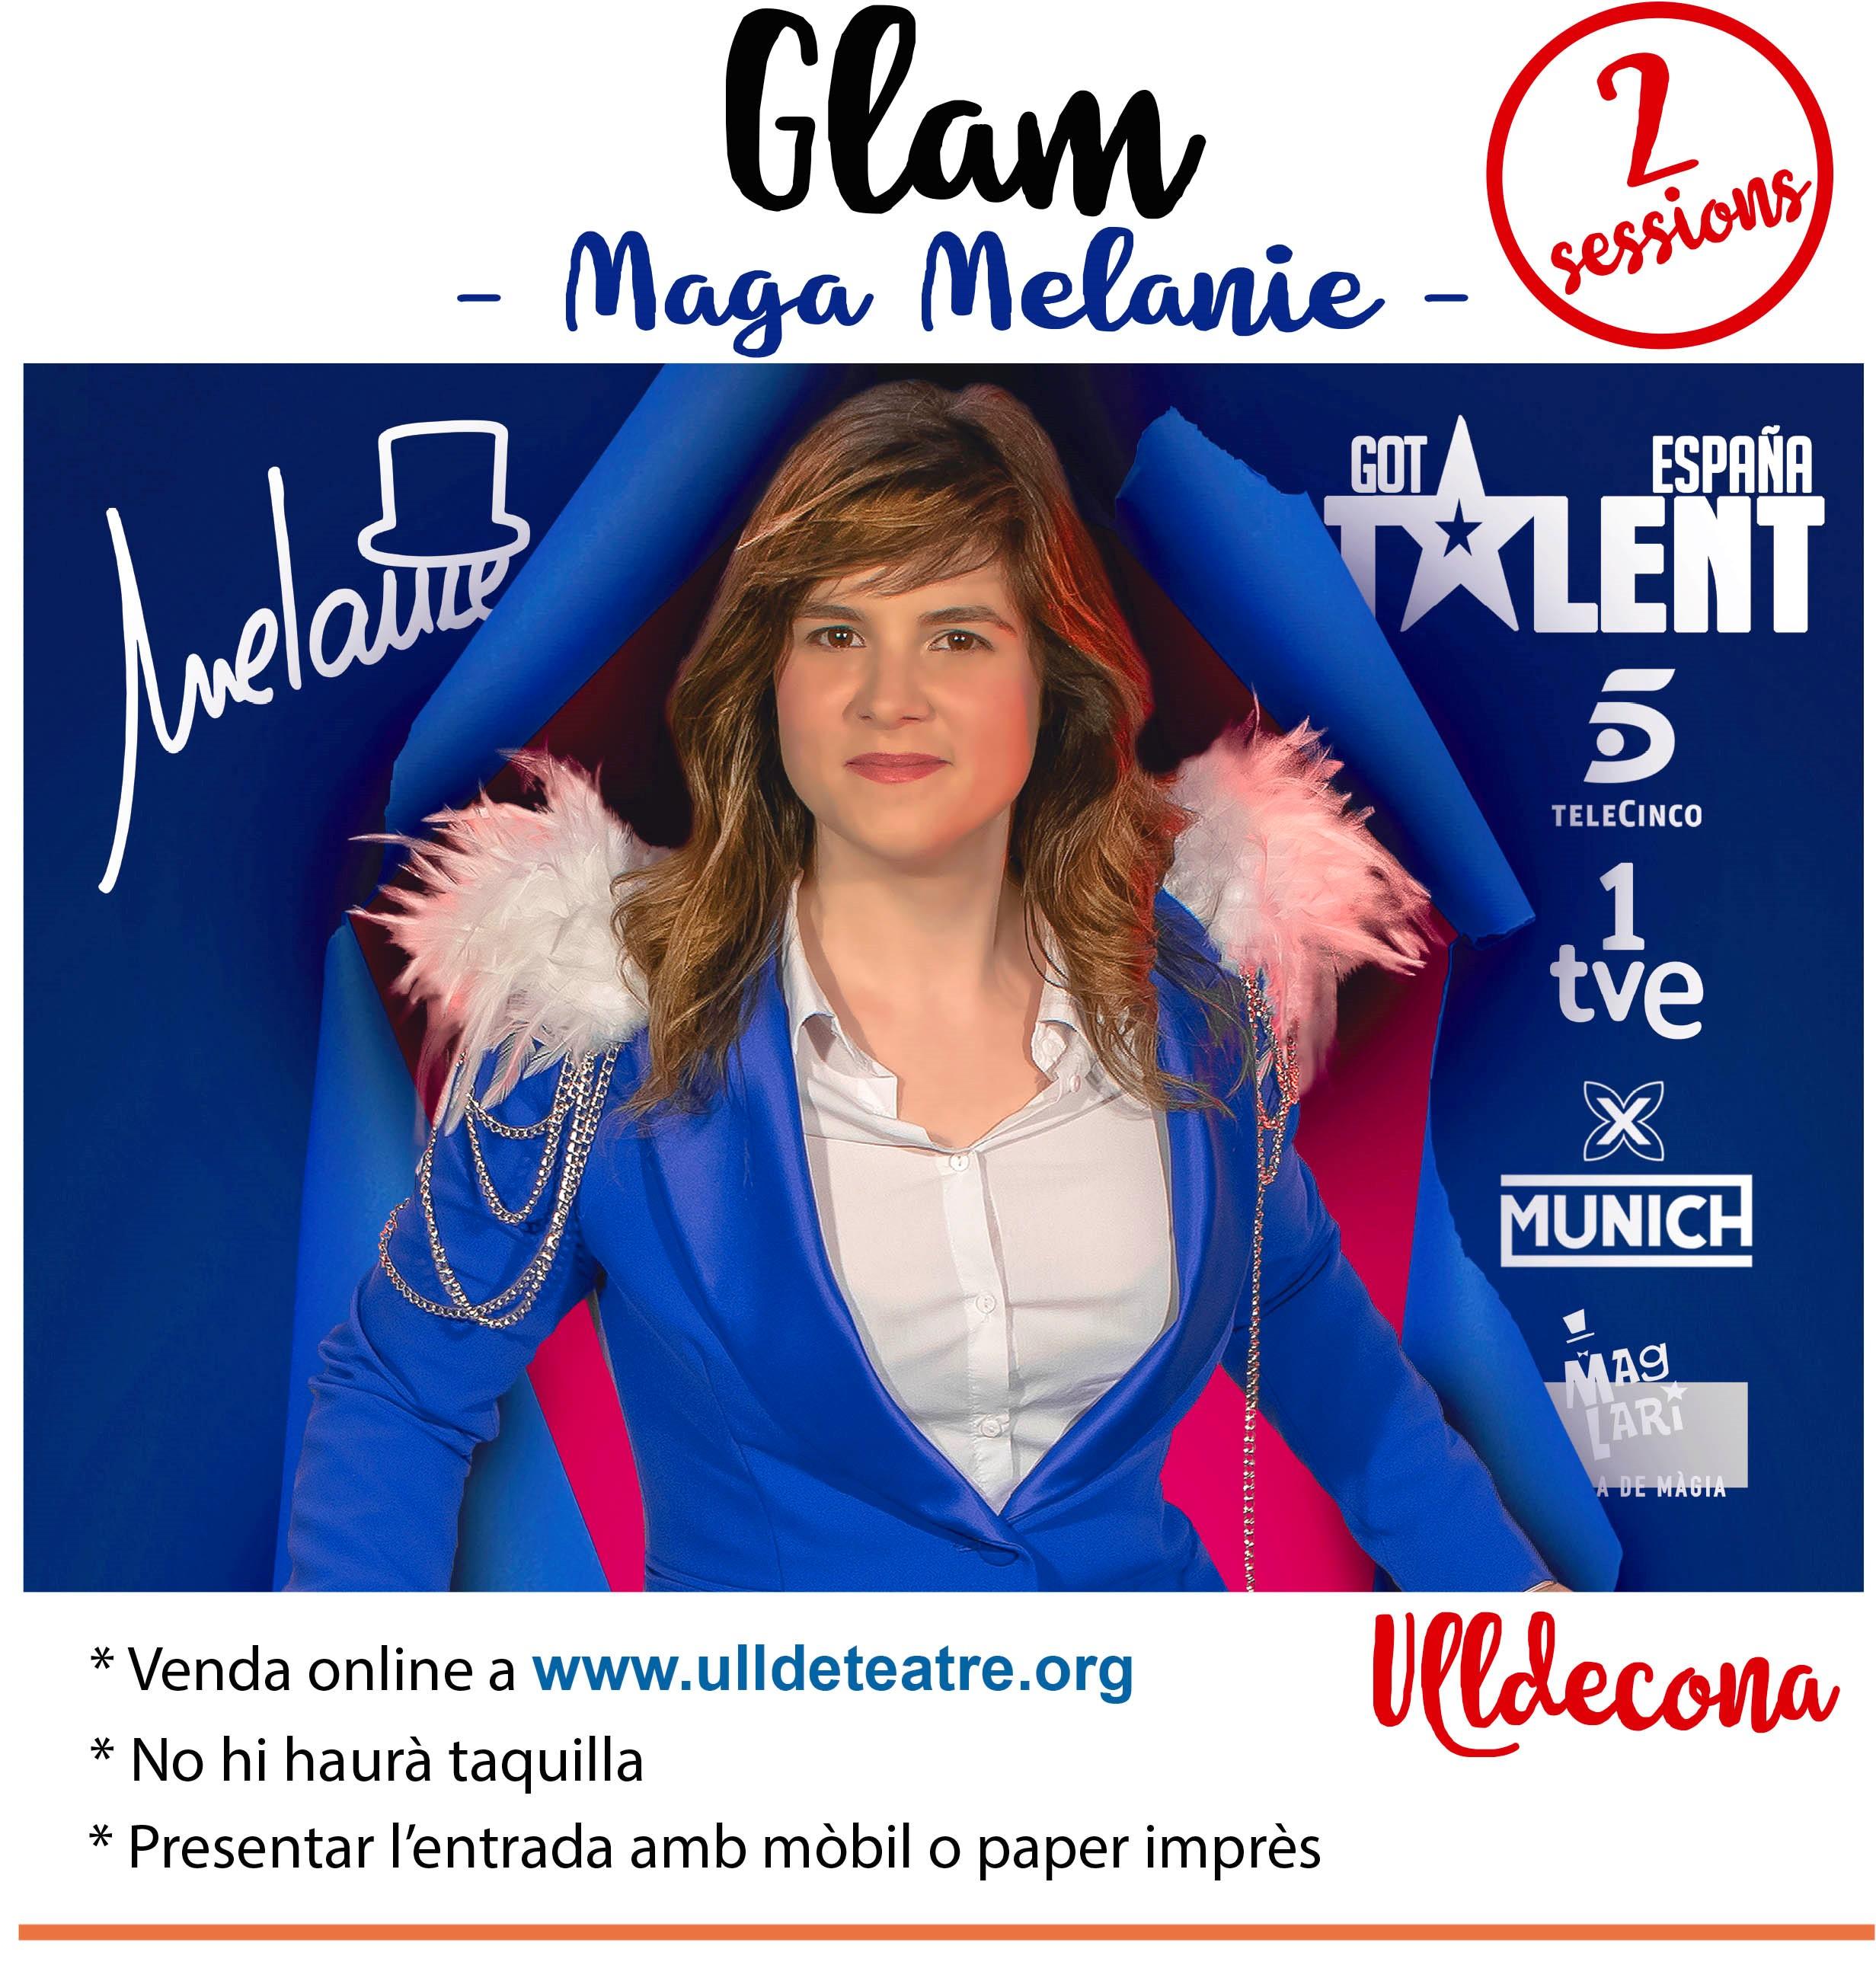 El 15 de maig arriba a Ulldecona la maga Melanie amb l'espectacle